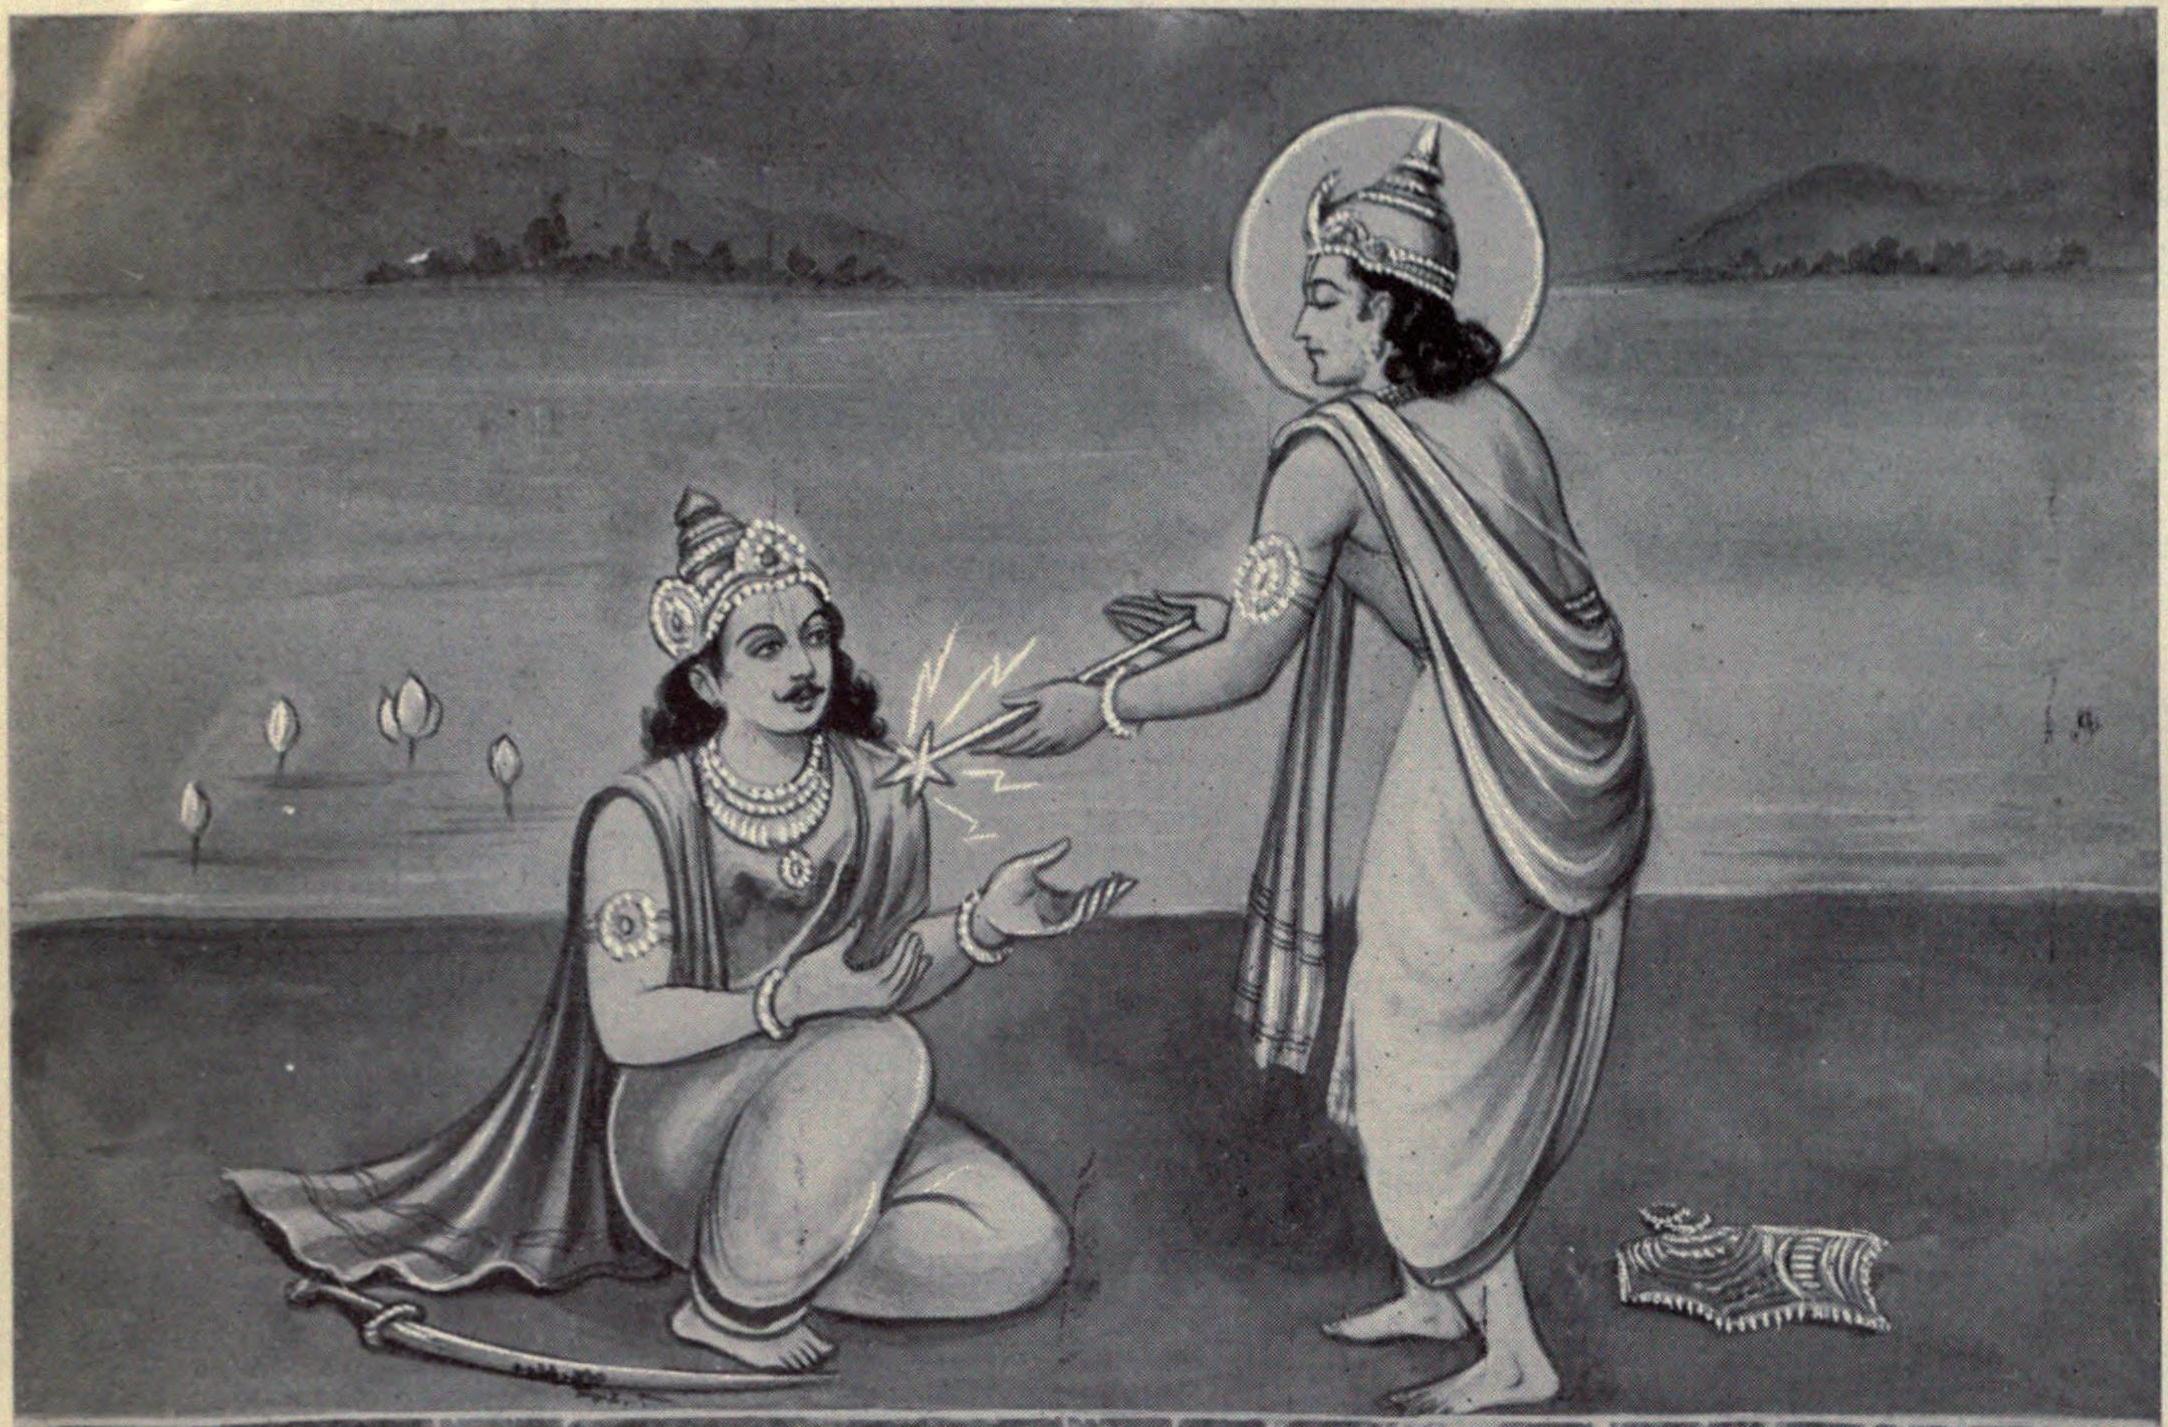 Indra_gives_Indrashakti_to_Karna